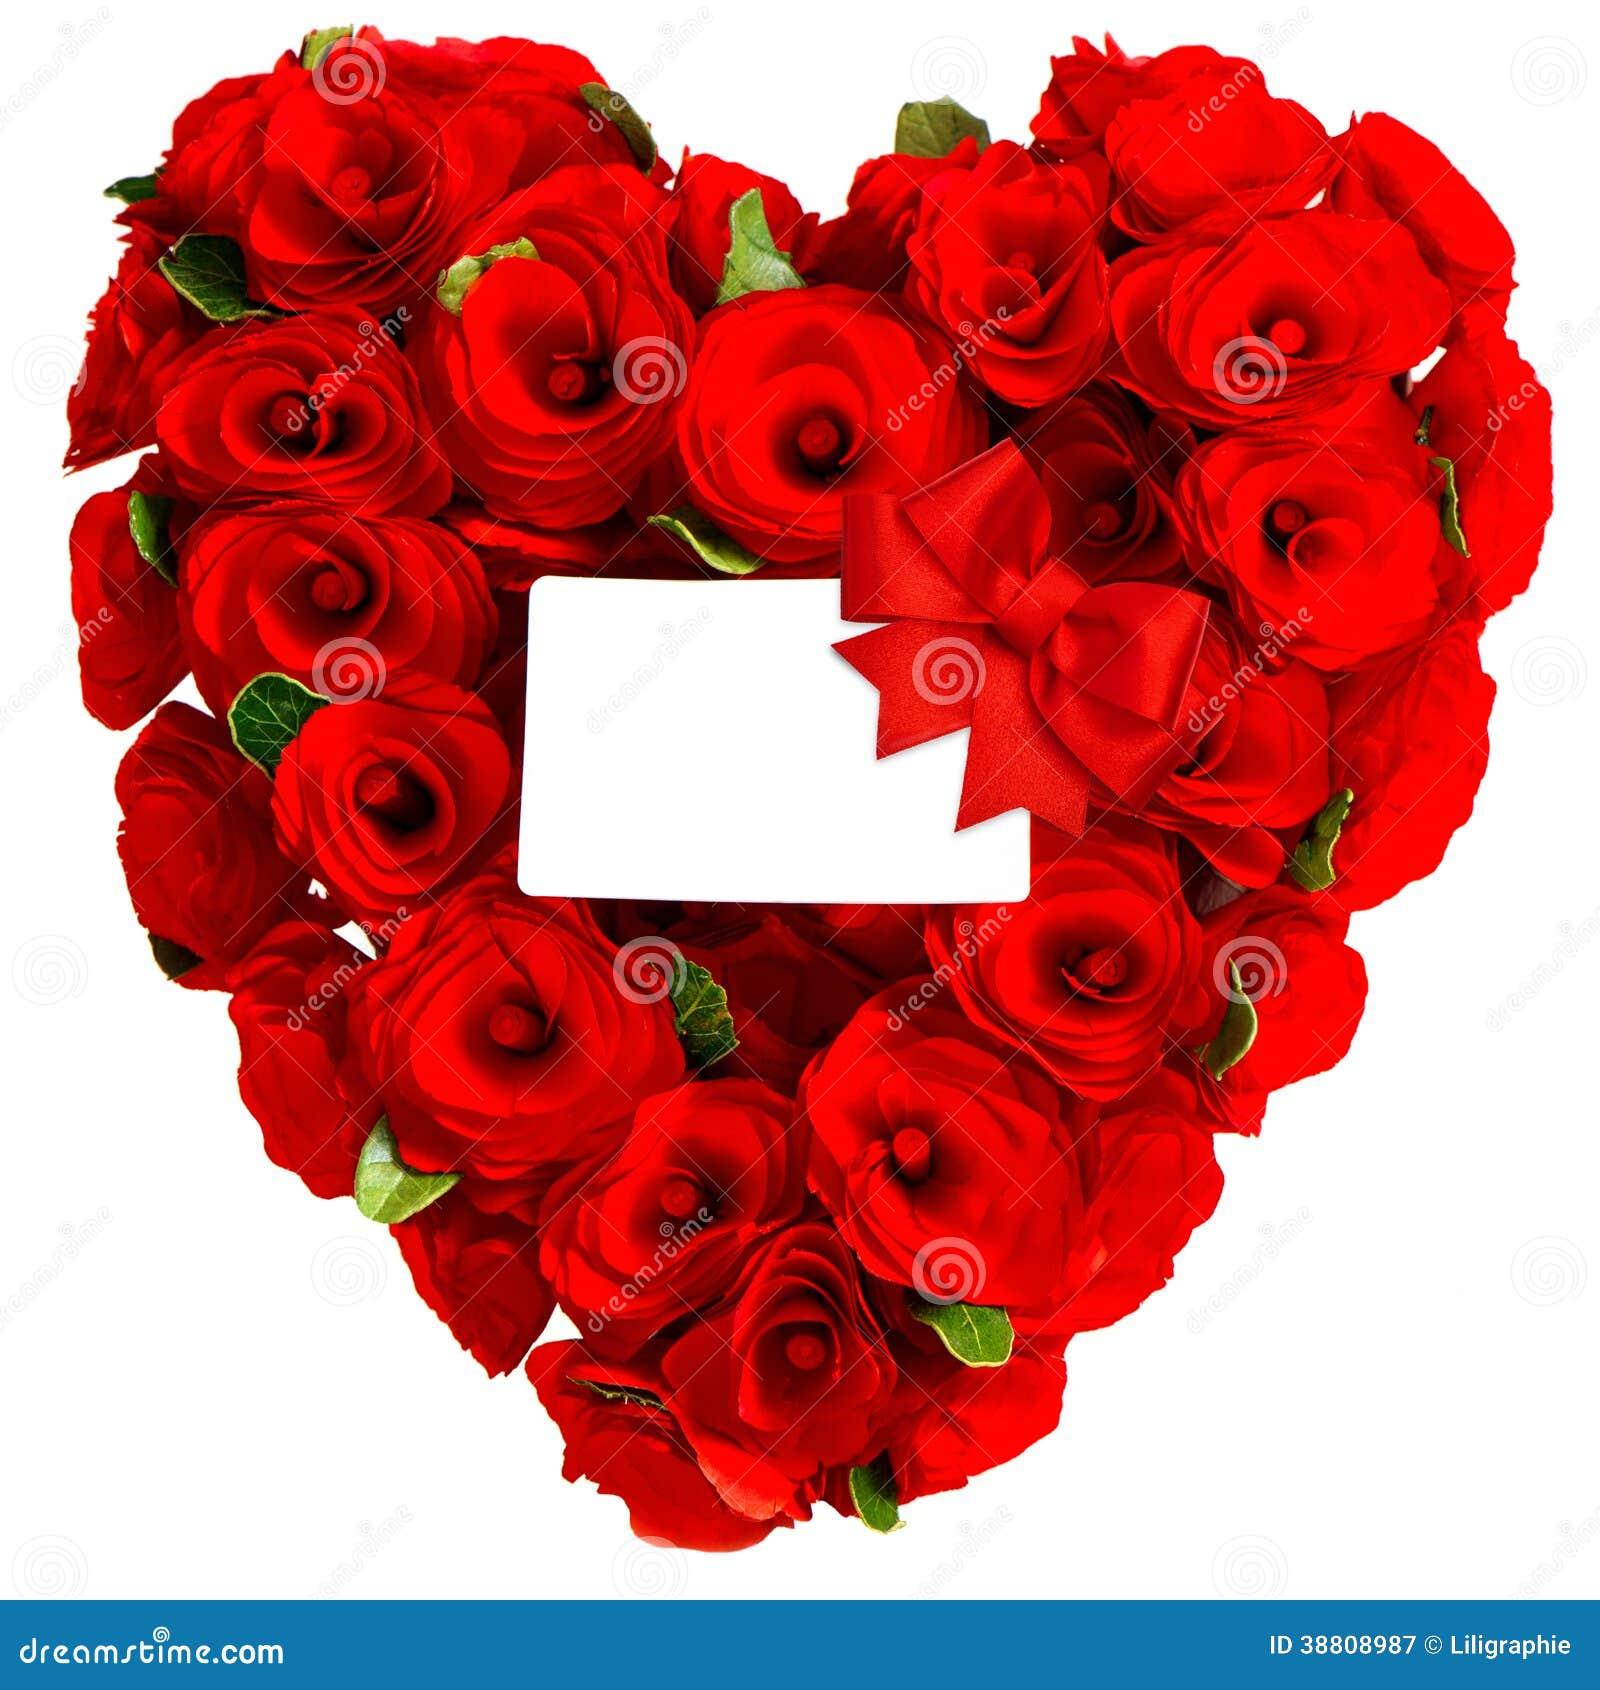 cuore rosso dei fiori rosa con la carta bianca immagine stock immagine 38808987. Black Bedroom Furniture Sets. Home Design Ideas